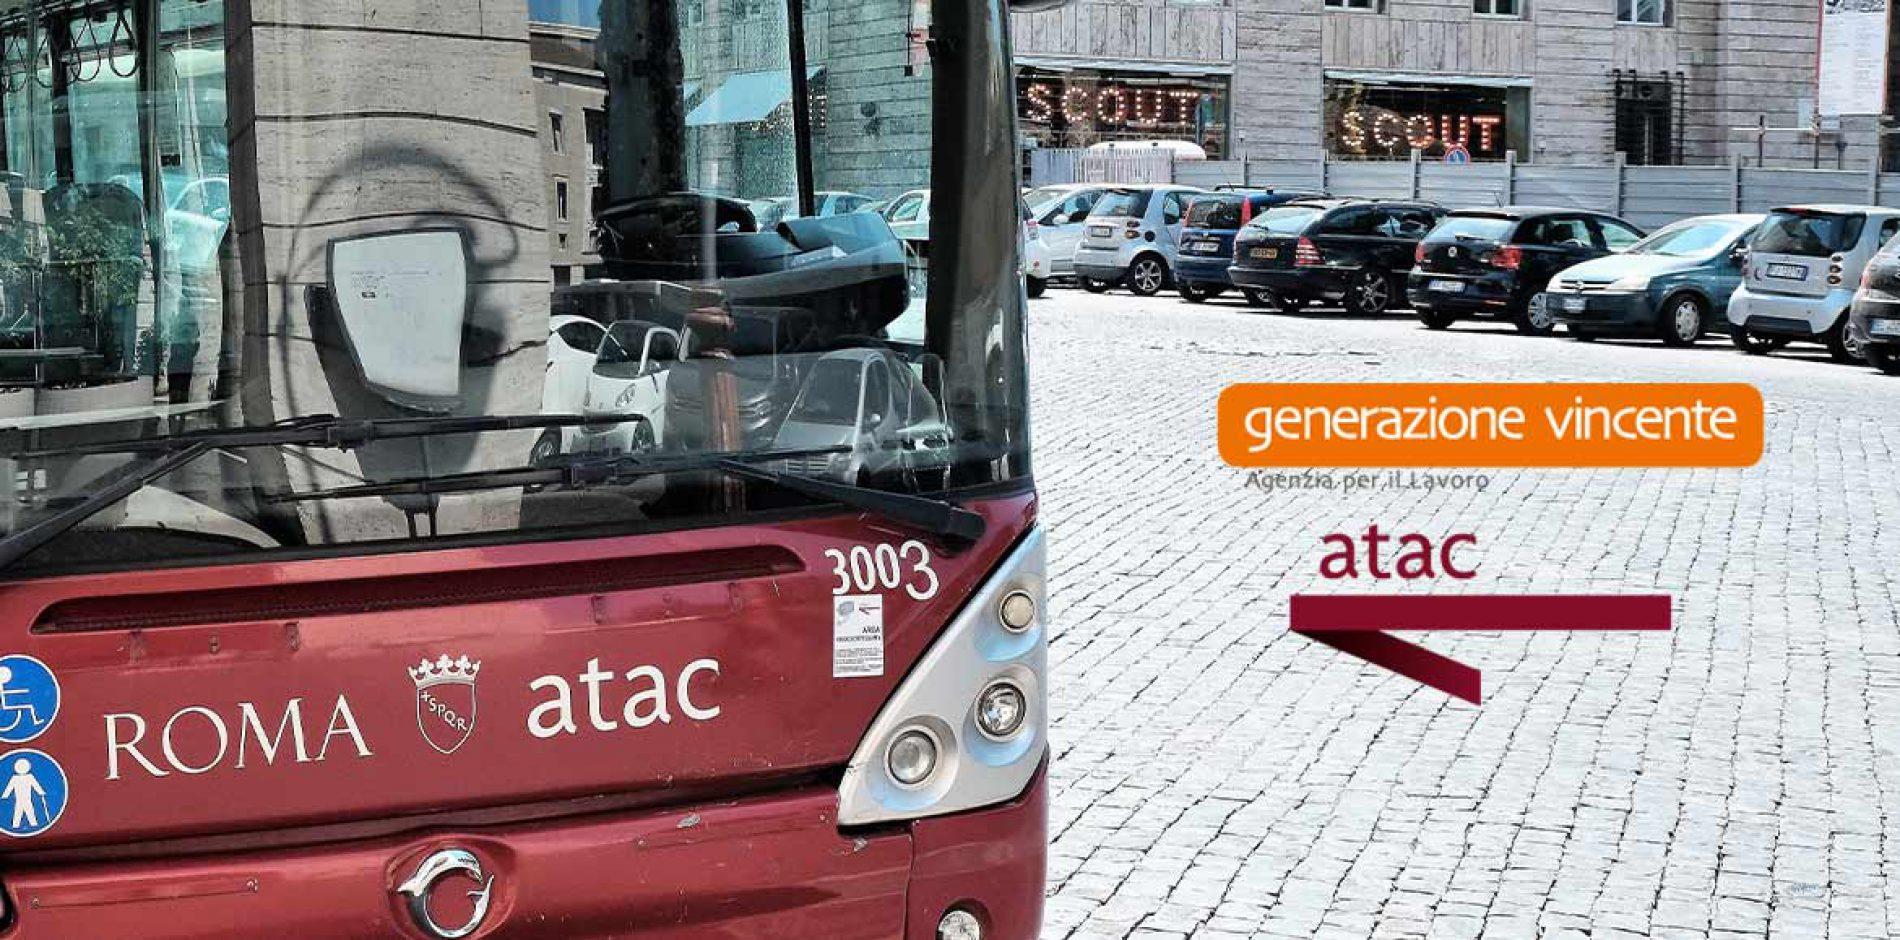 Atac: la ricerca dei nuovi autisti gestita da Generazione vincente